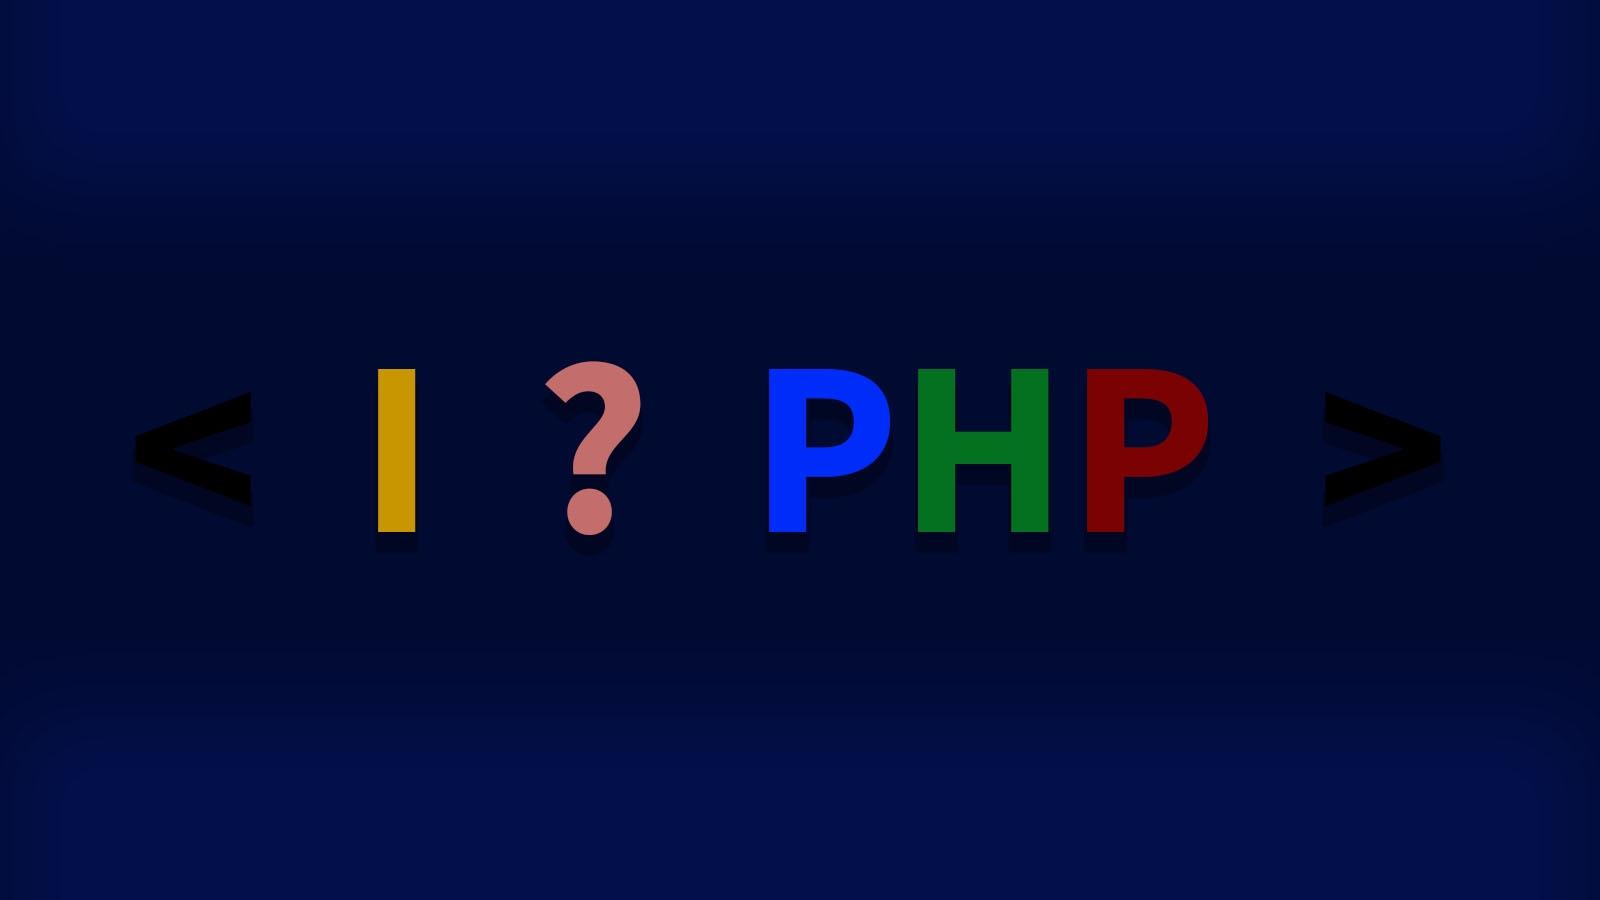 php dersleri, php, php öğren, kodlama öğren, php yazılım, php kodlama, yazılım dersleri, yazılım öğren, kodlama öğren